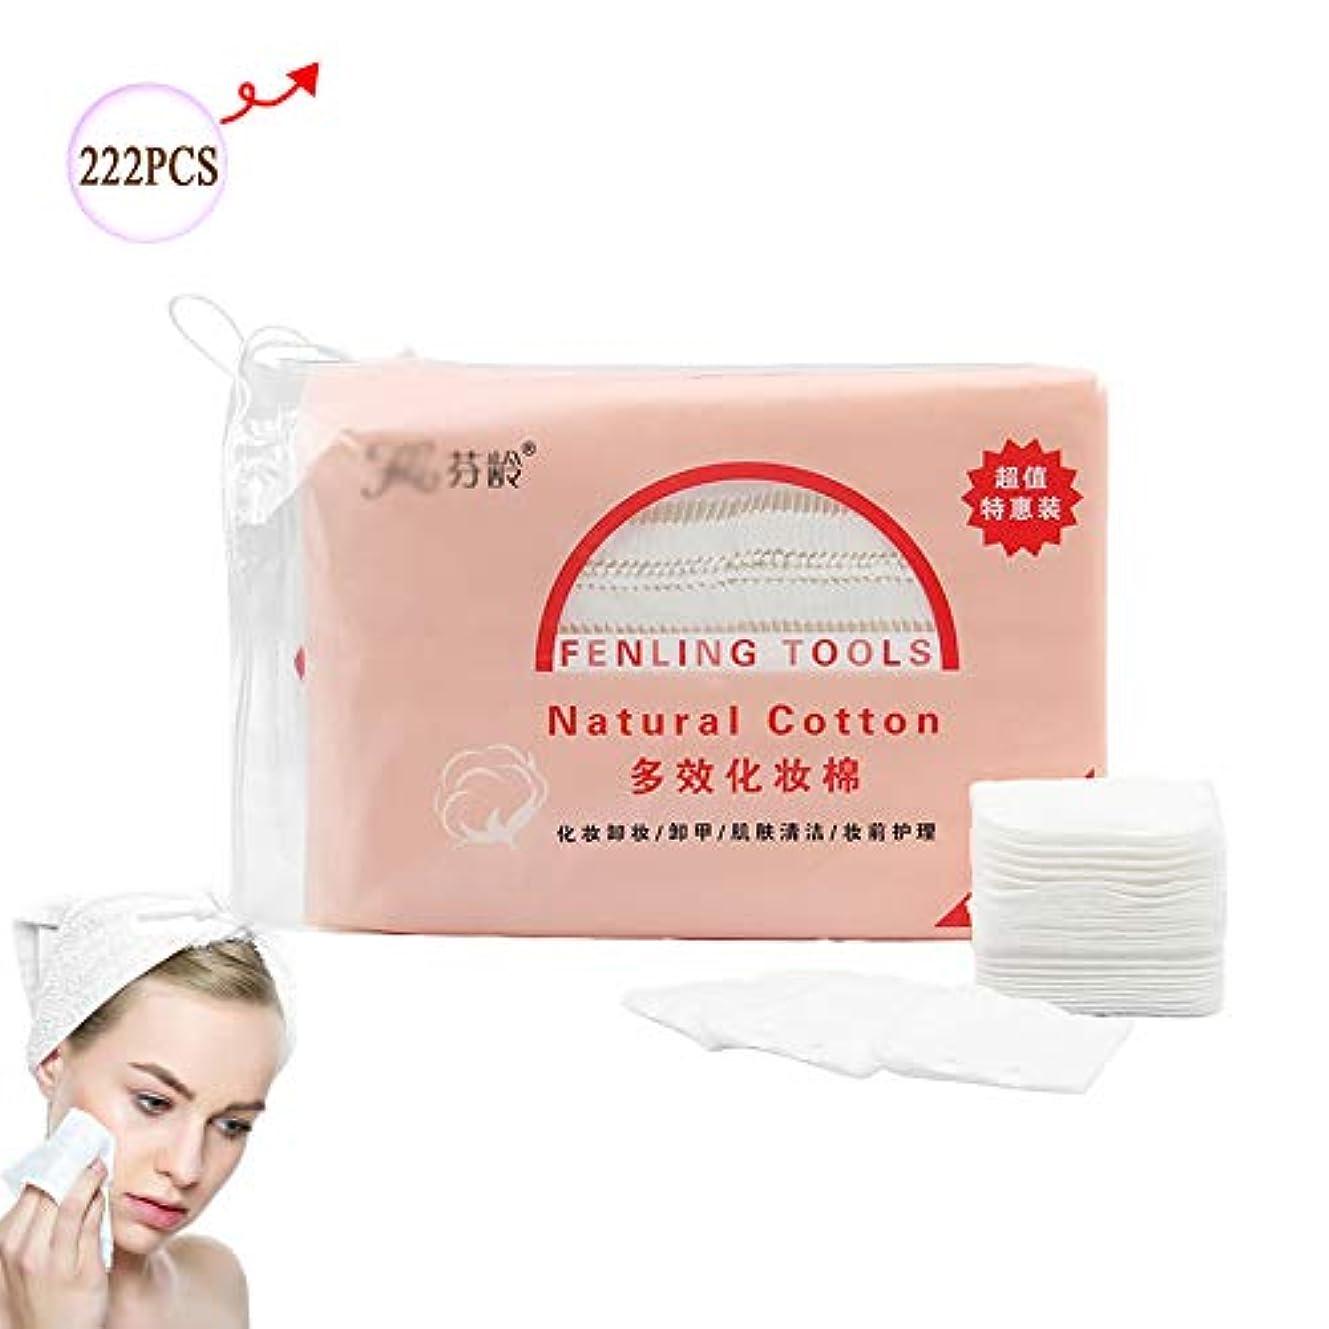 むき出し子供達店員メイク落としパッド、顔用洗顔料コットンパッド洗顔用女性と男性(222PCS)